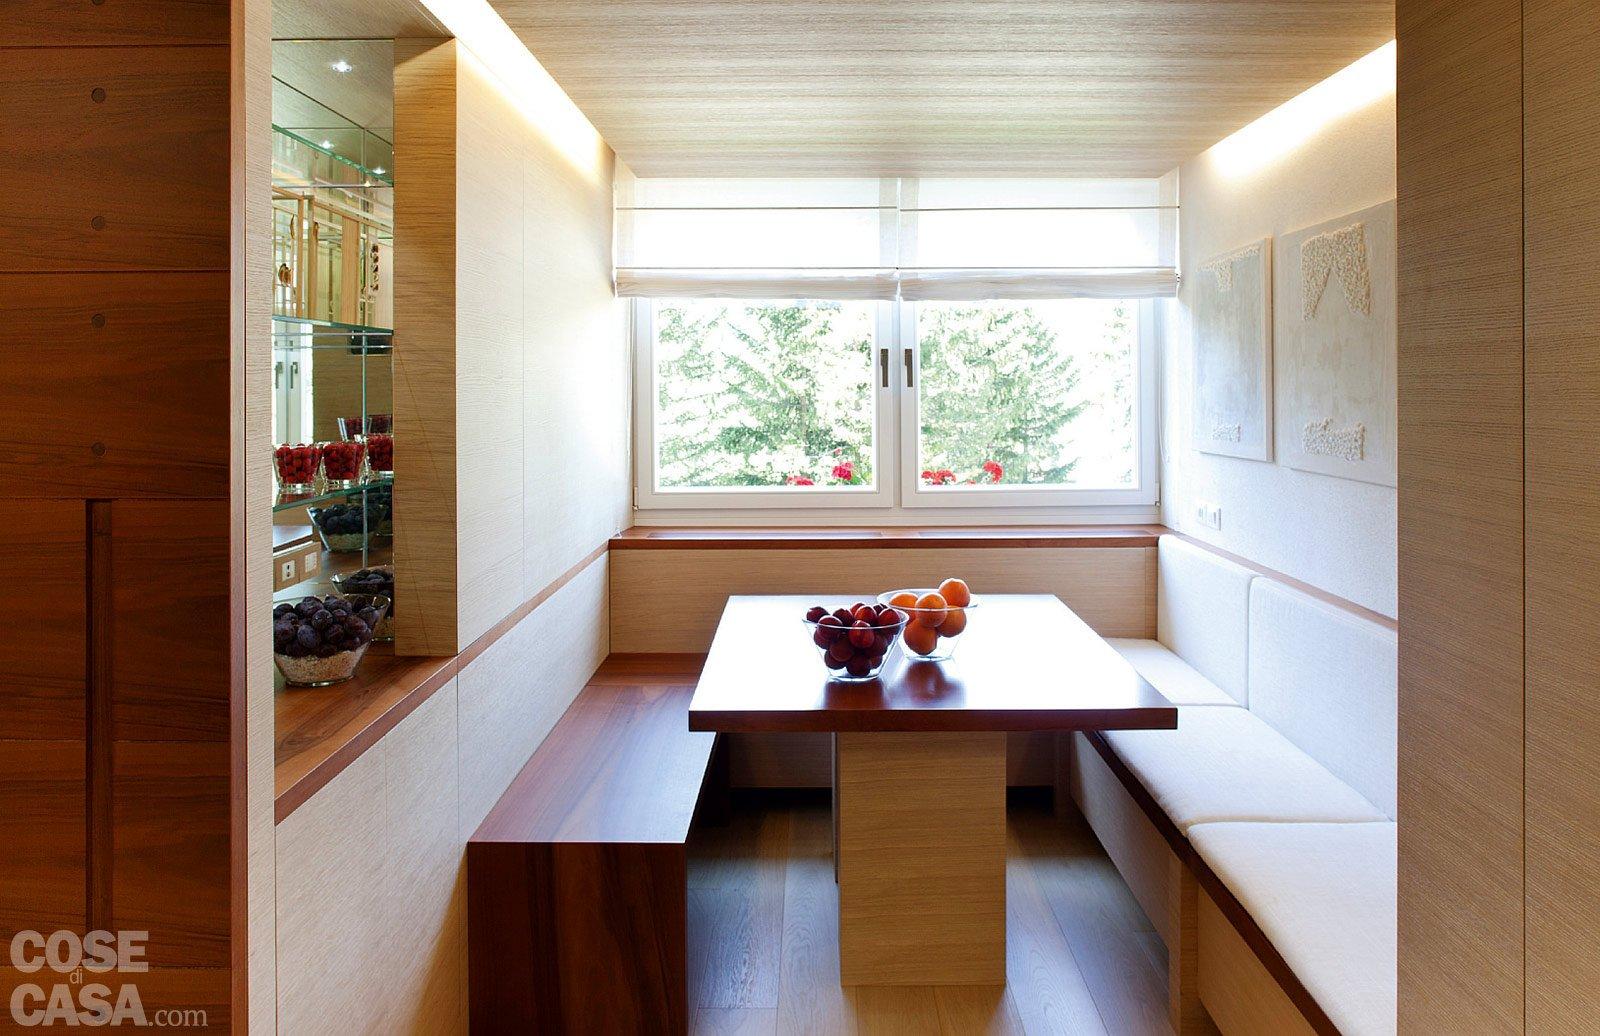 57 mq con ambienti mutevoli cose di casa - Chiudere una finestra di casa ...